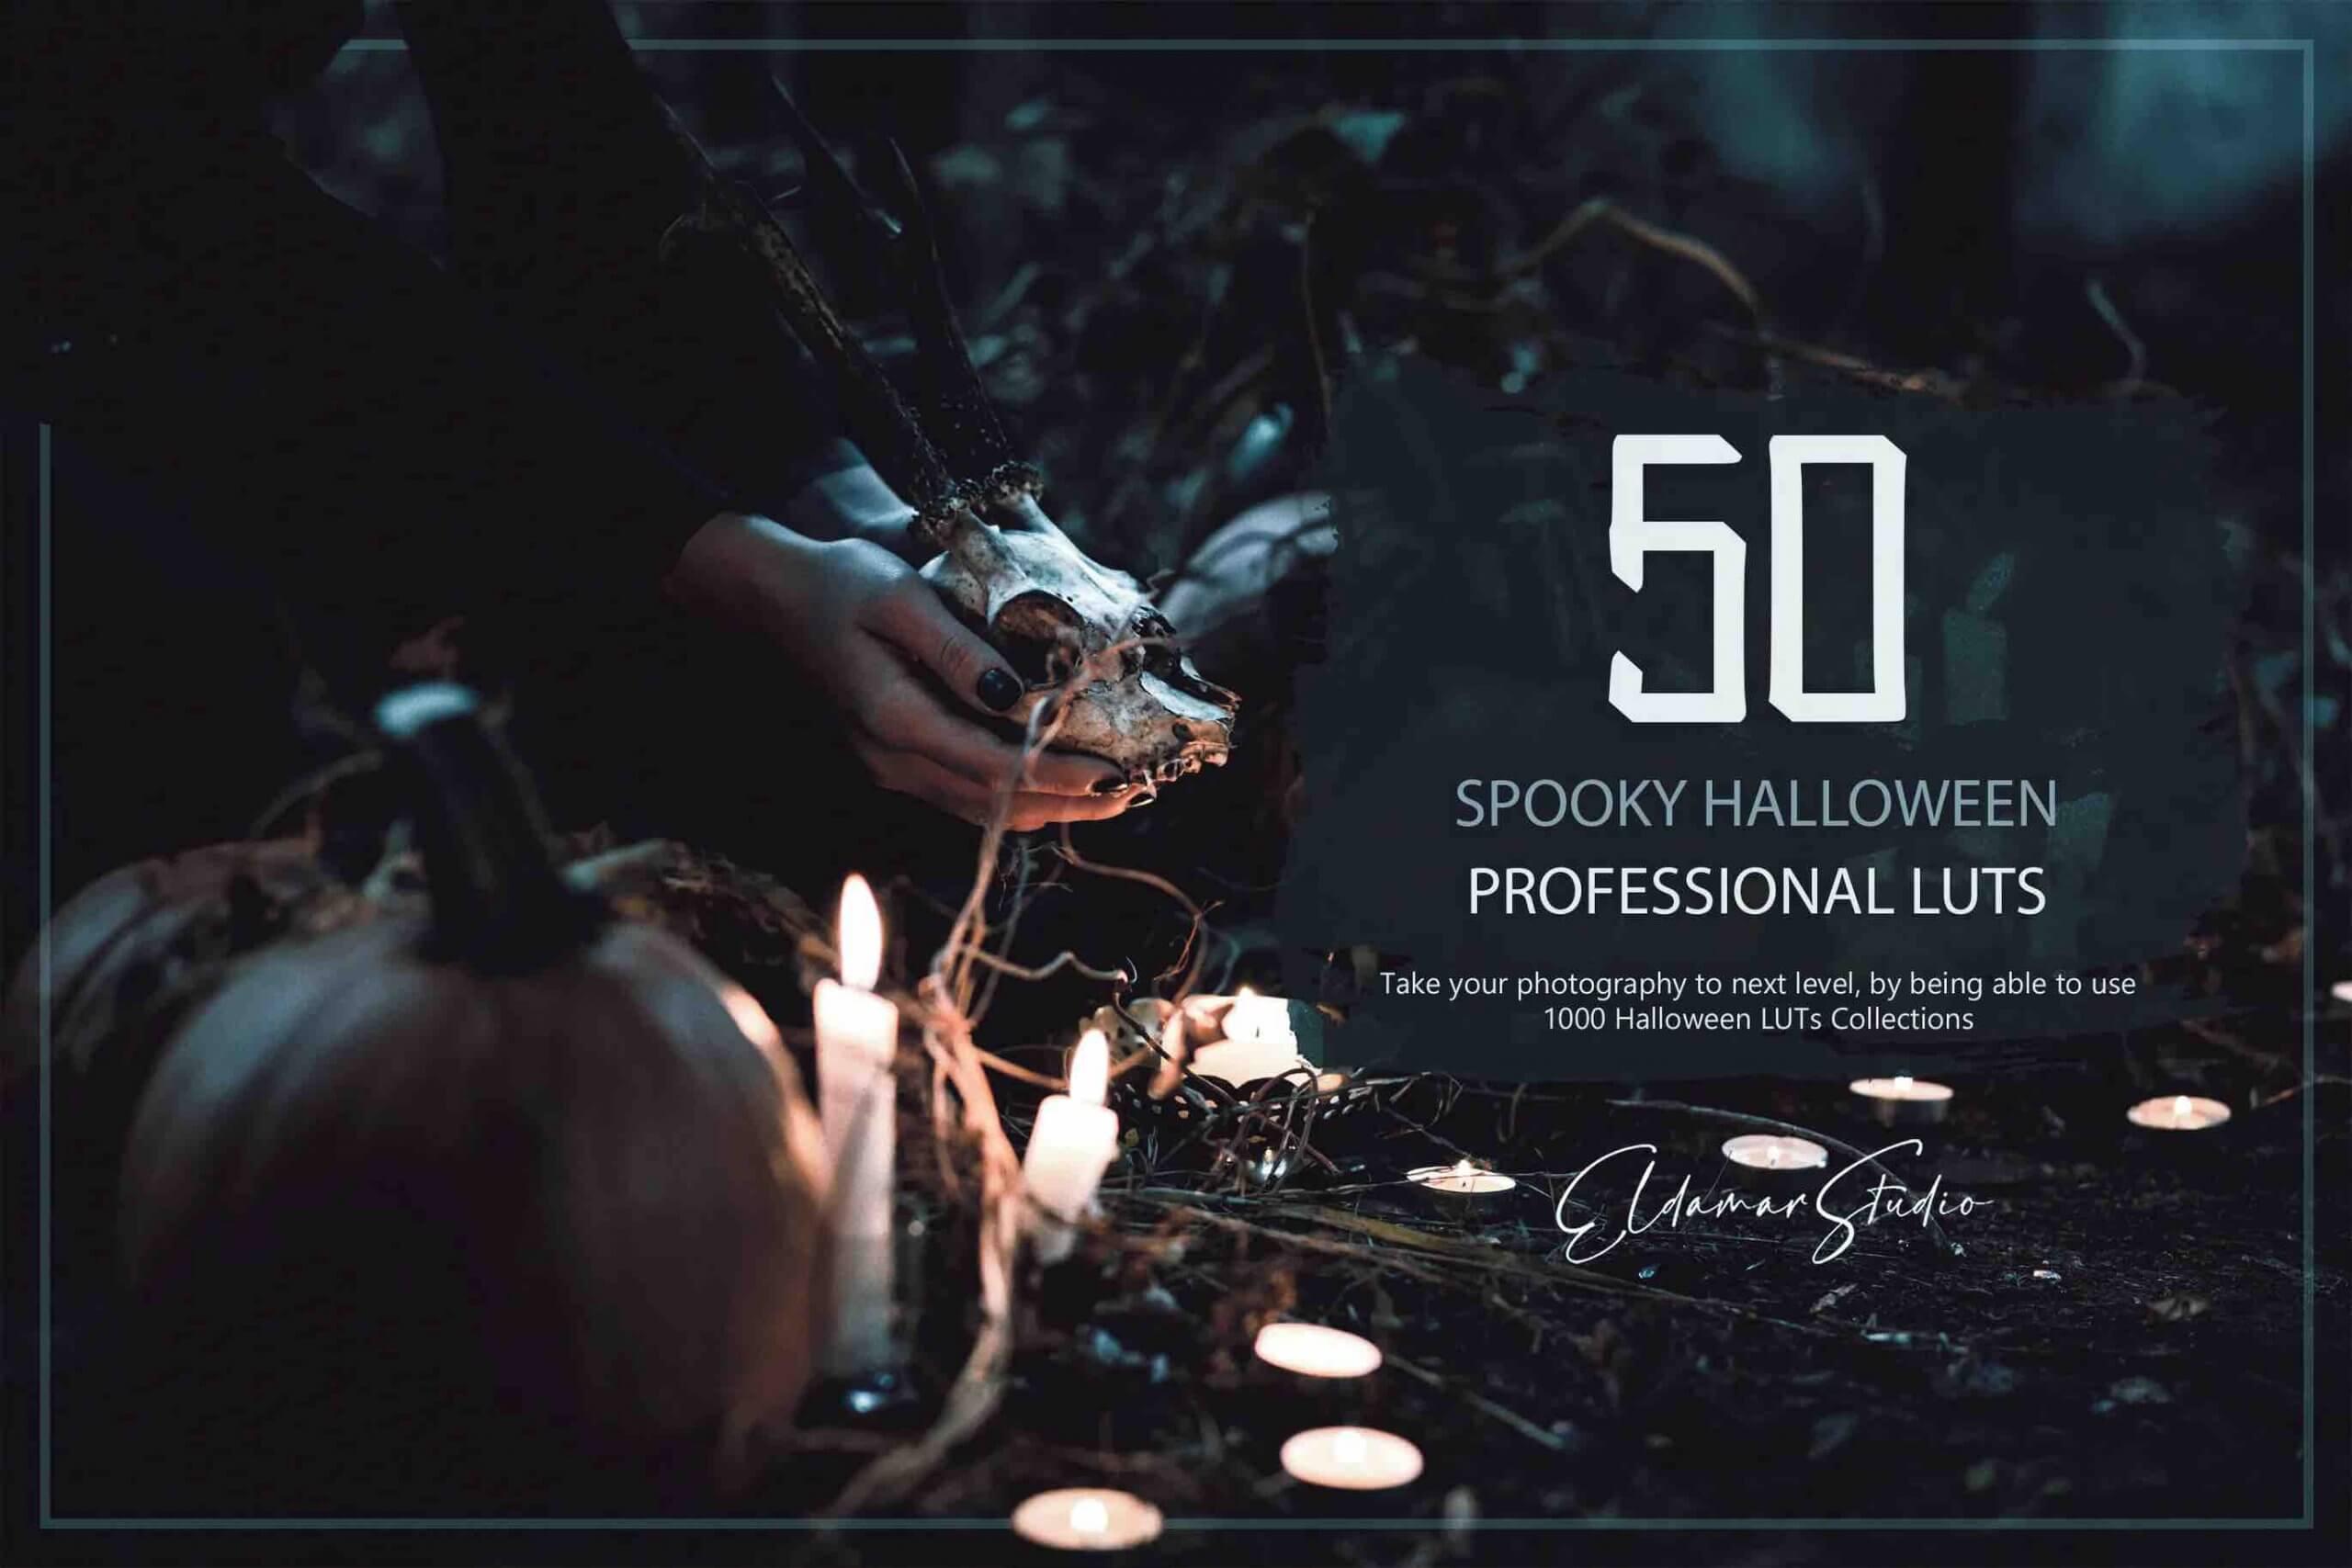 %title插图%num零号CG视觉平台50个幽灵万圣节LUT和预设包